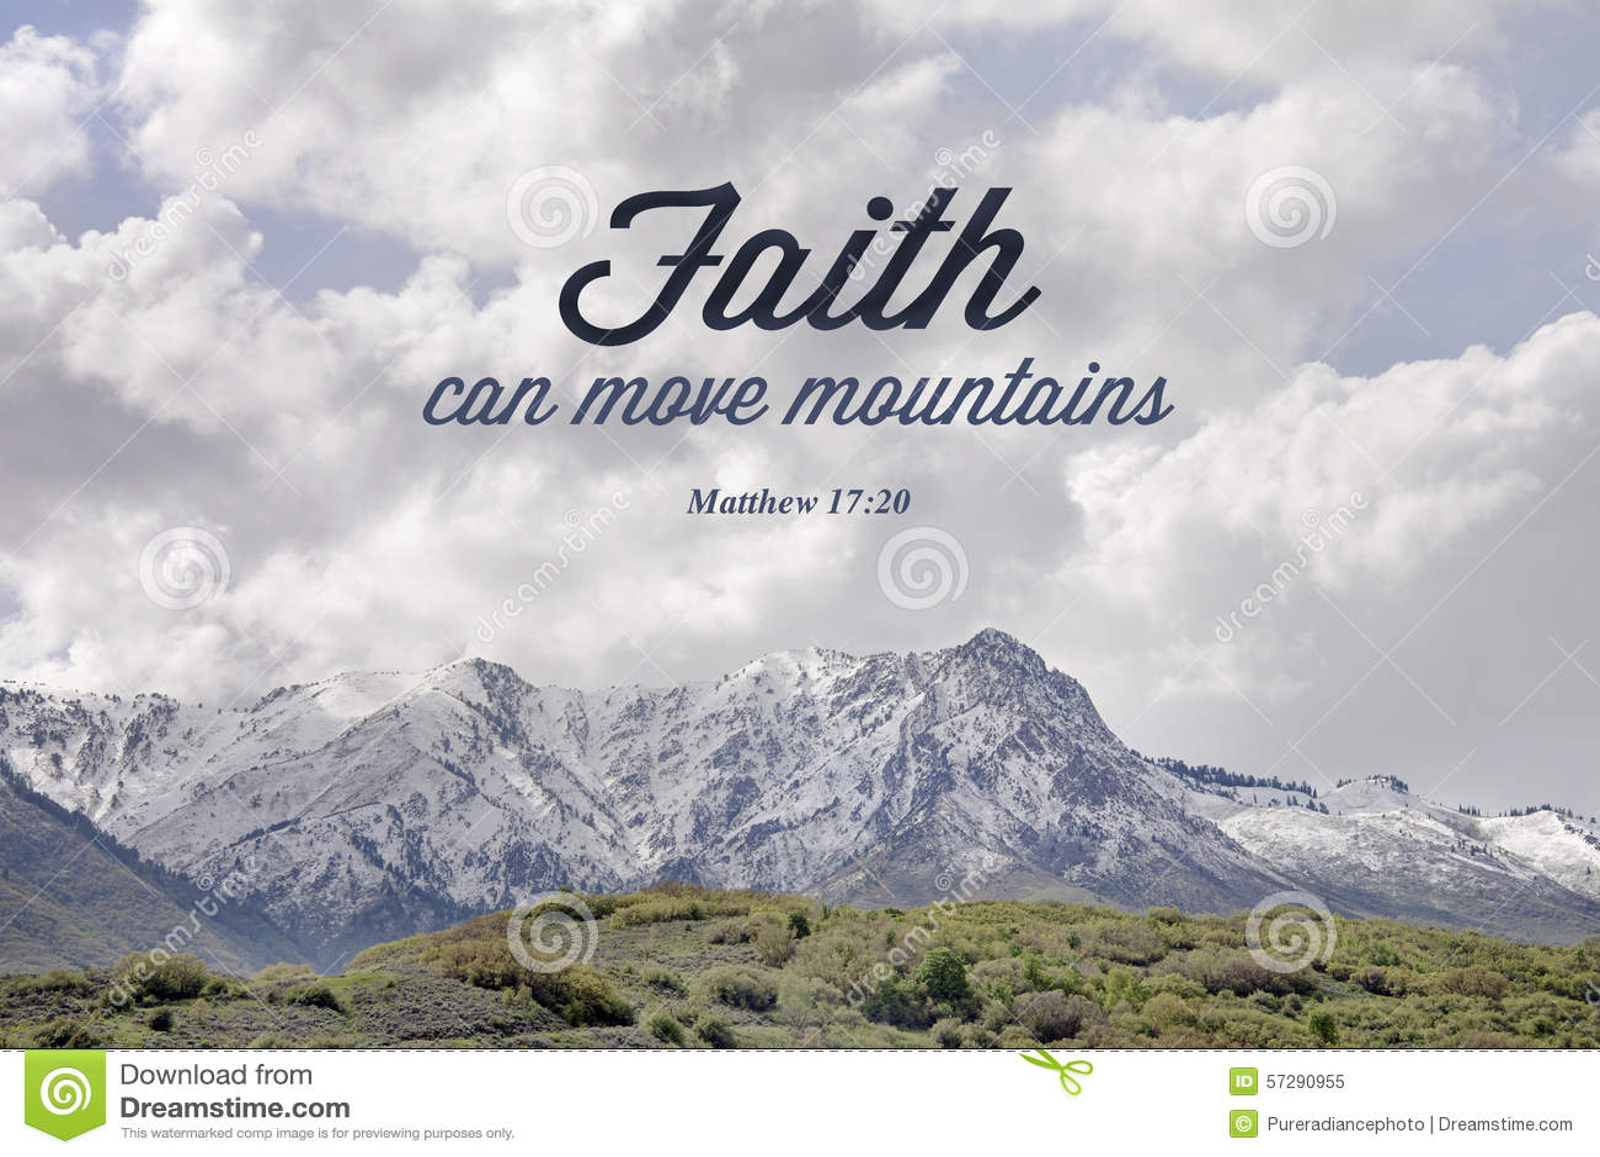 Gebirgsbibelvers von Matthew-17:20